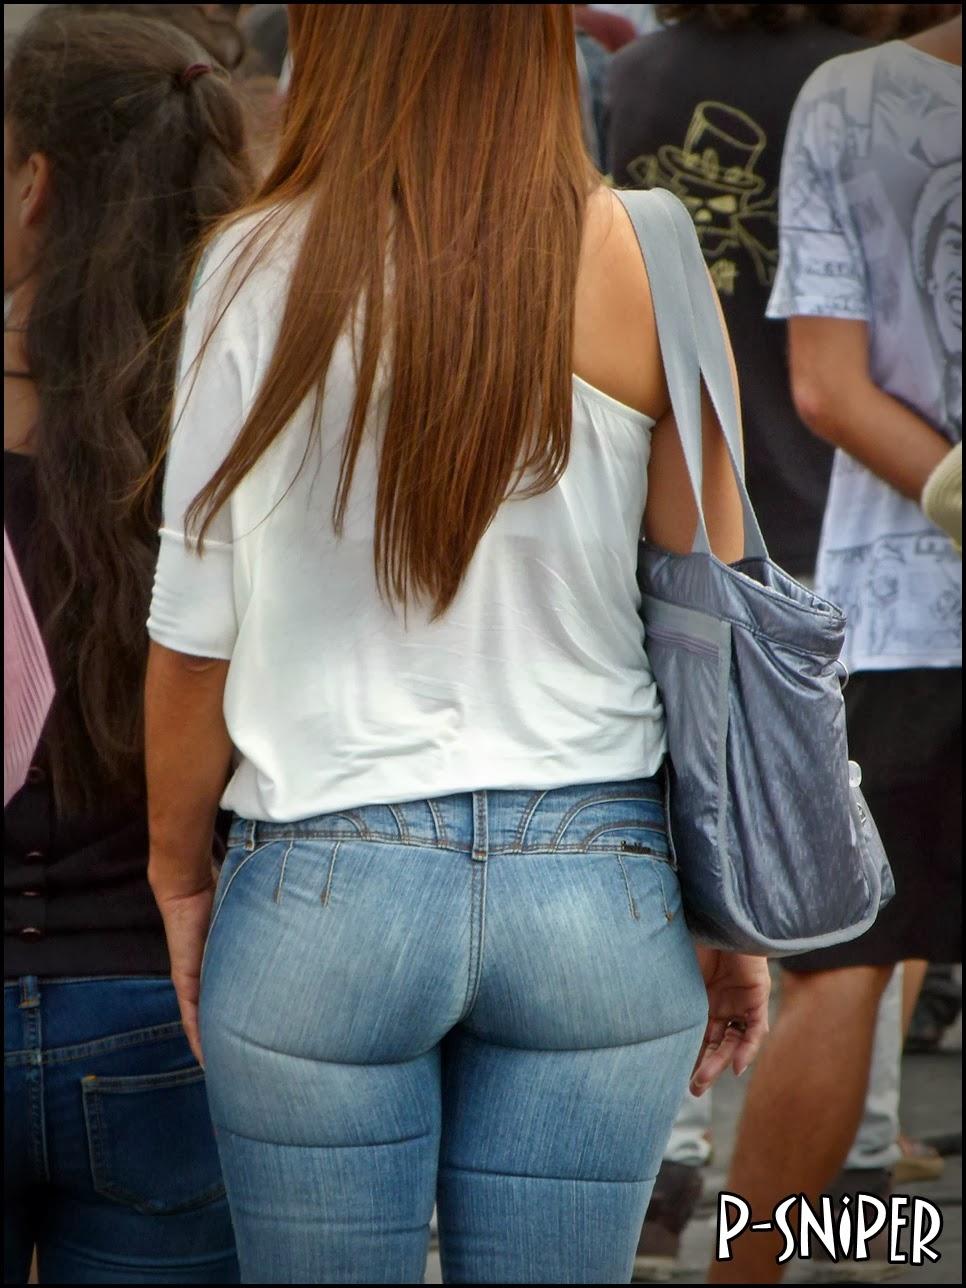 Un buen culo con un apretado pantalón azul